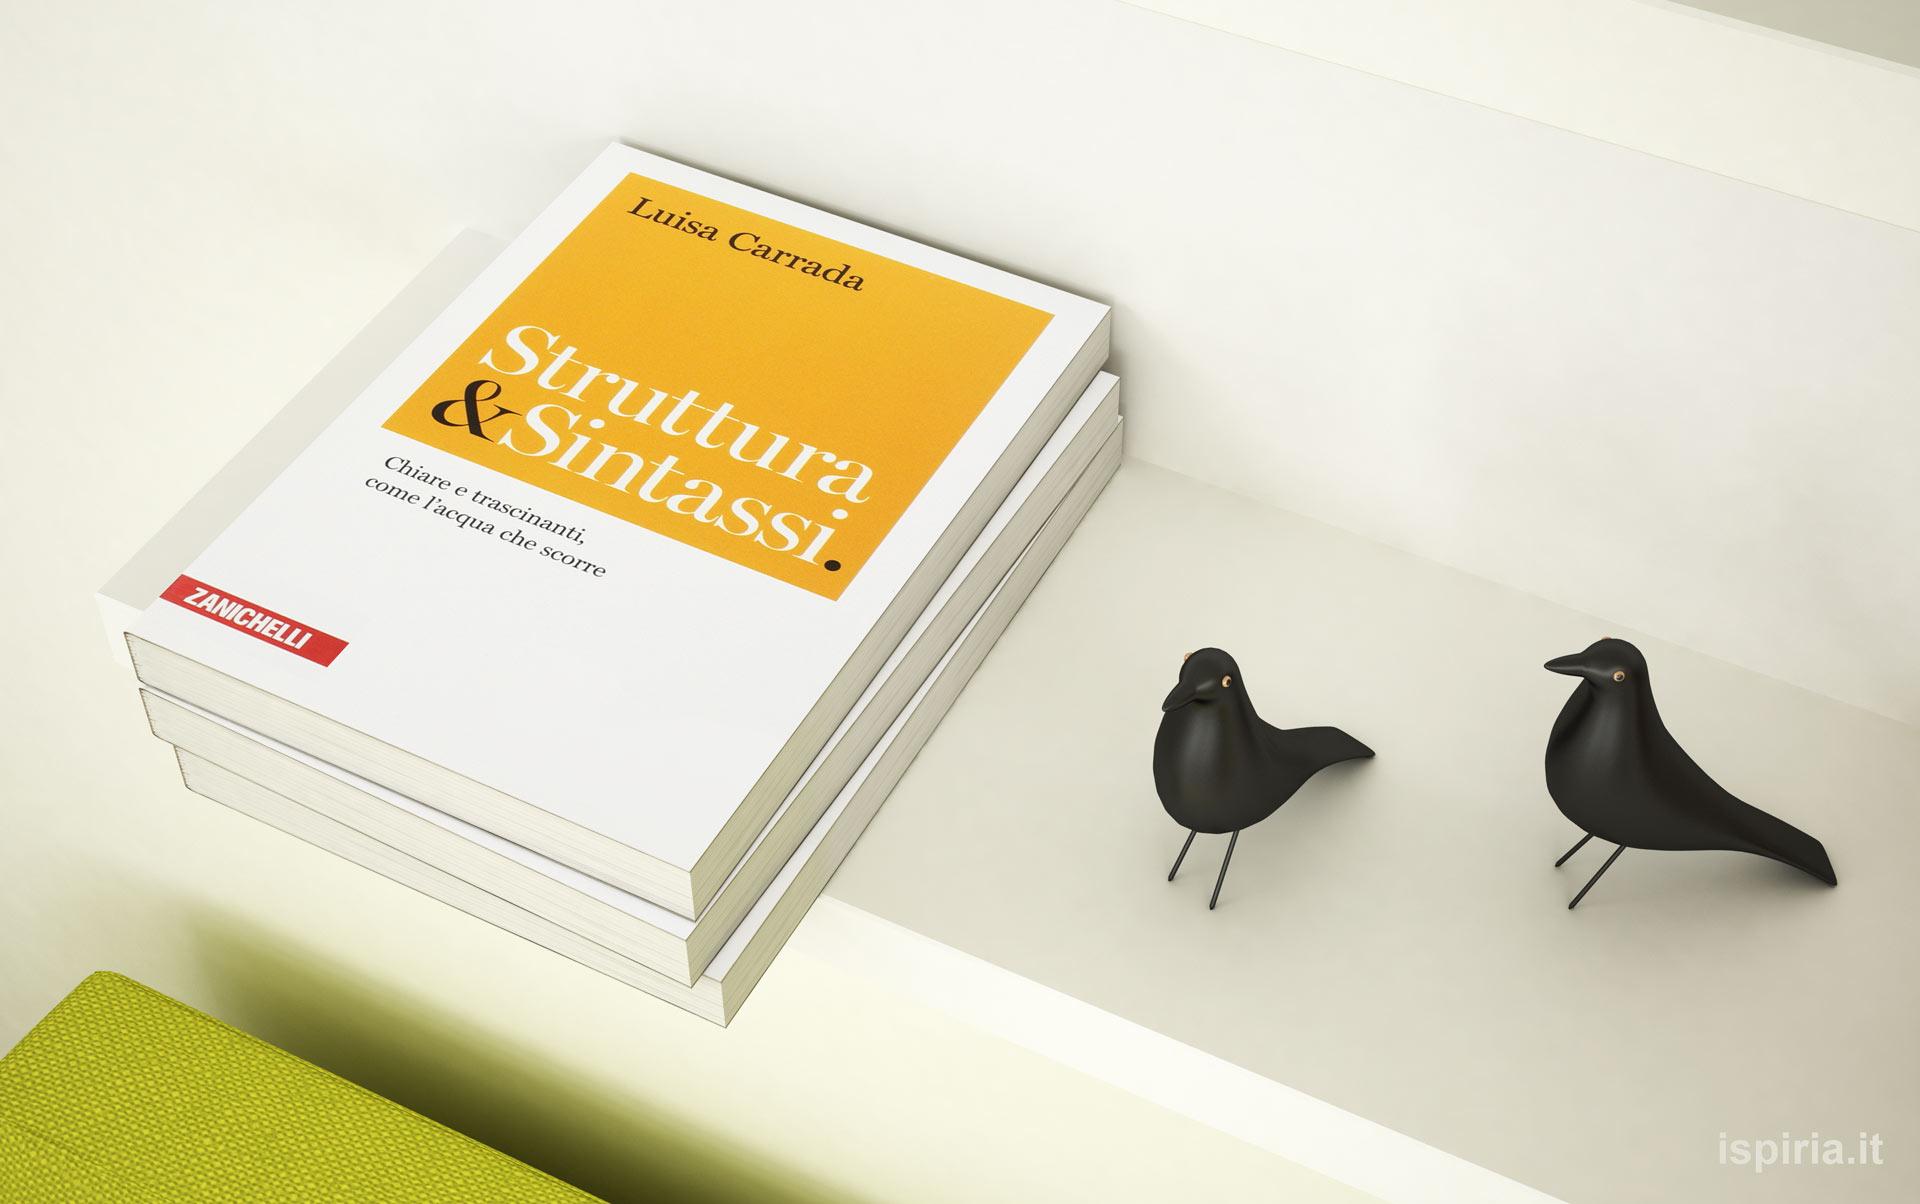 migliore libro di scrittura per imparare a scrivere copywriting